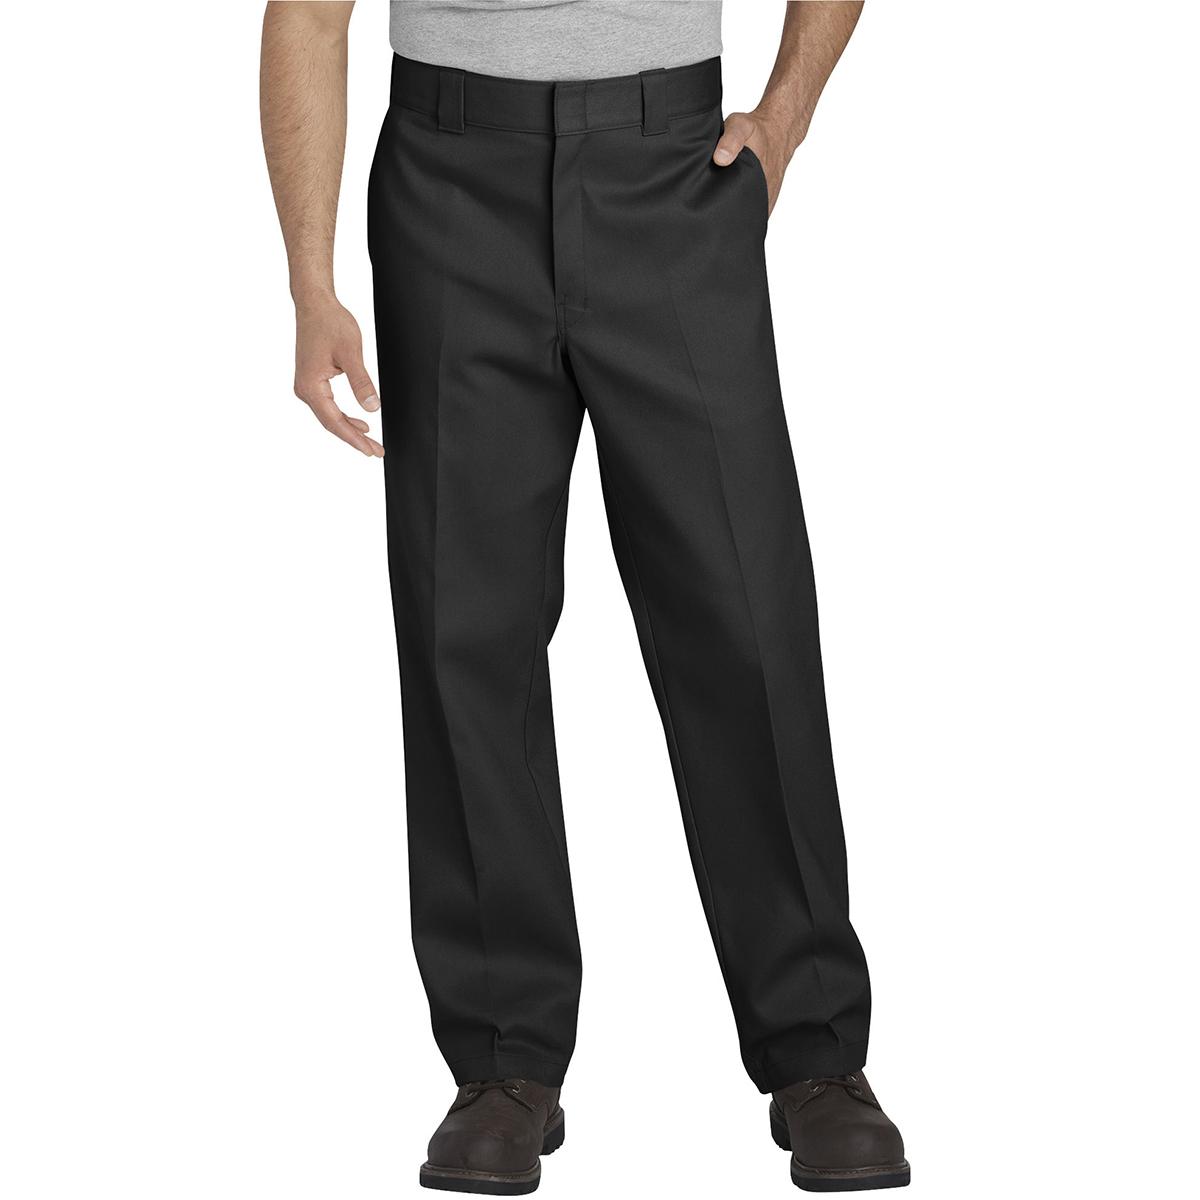 Dickies Men's 874 Flex Work Pants - Black, 31/32